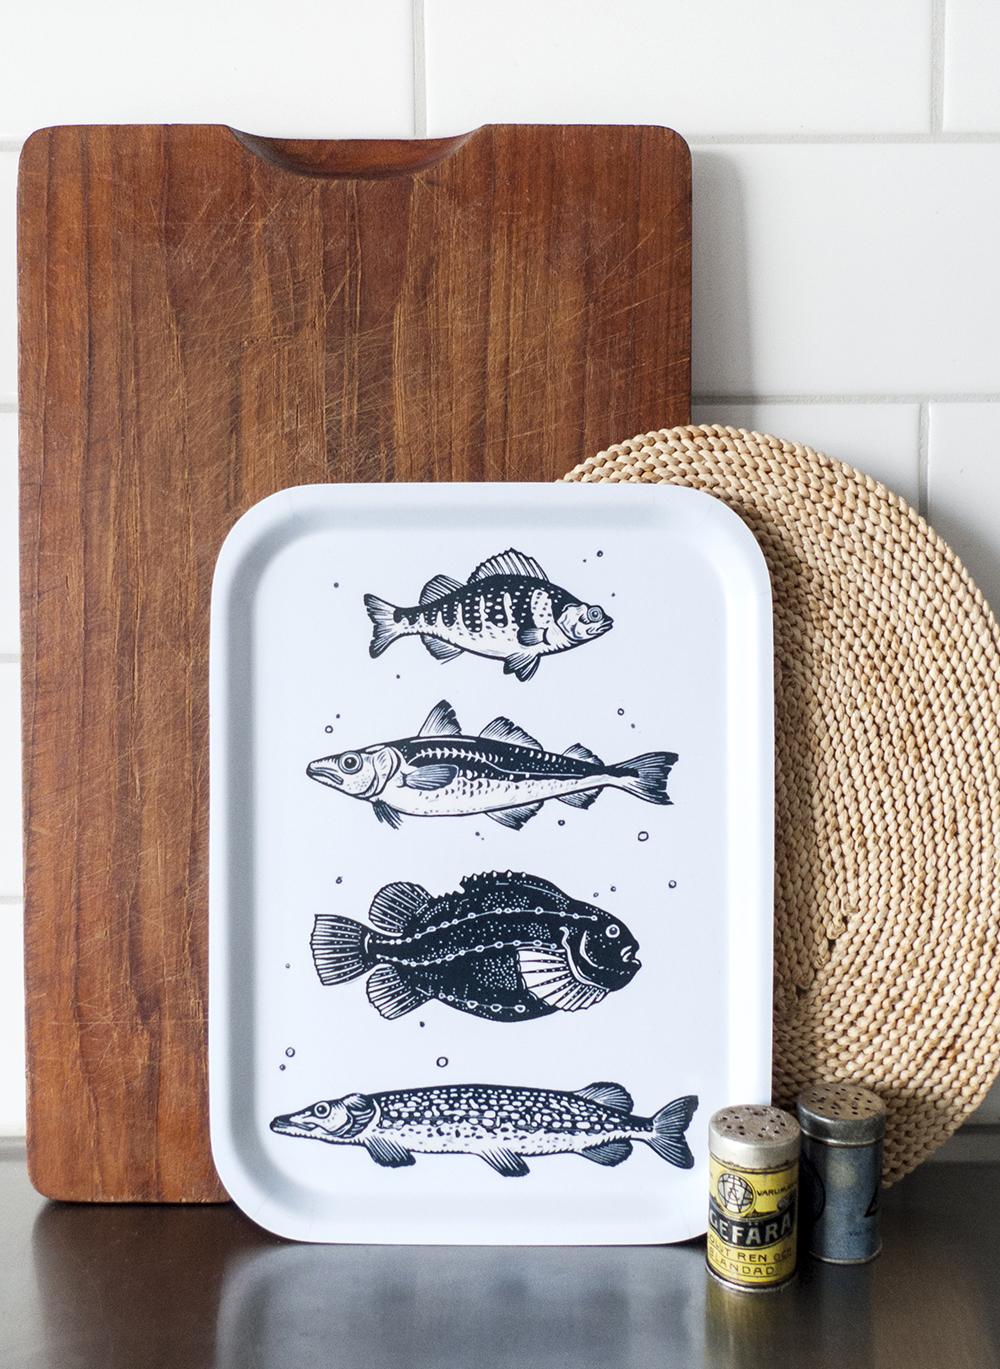 svenska-fiskar-fishes-linocut-design-birch-trays-bricka-1-1000.jpg